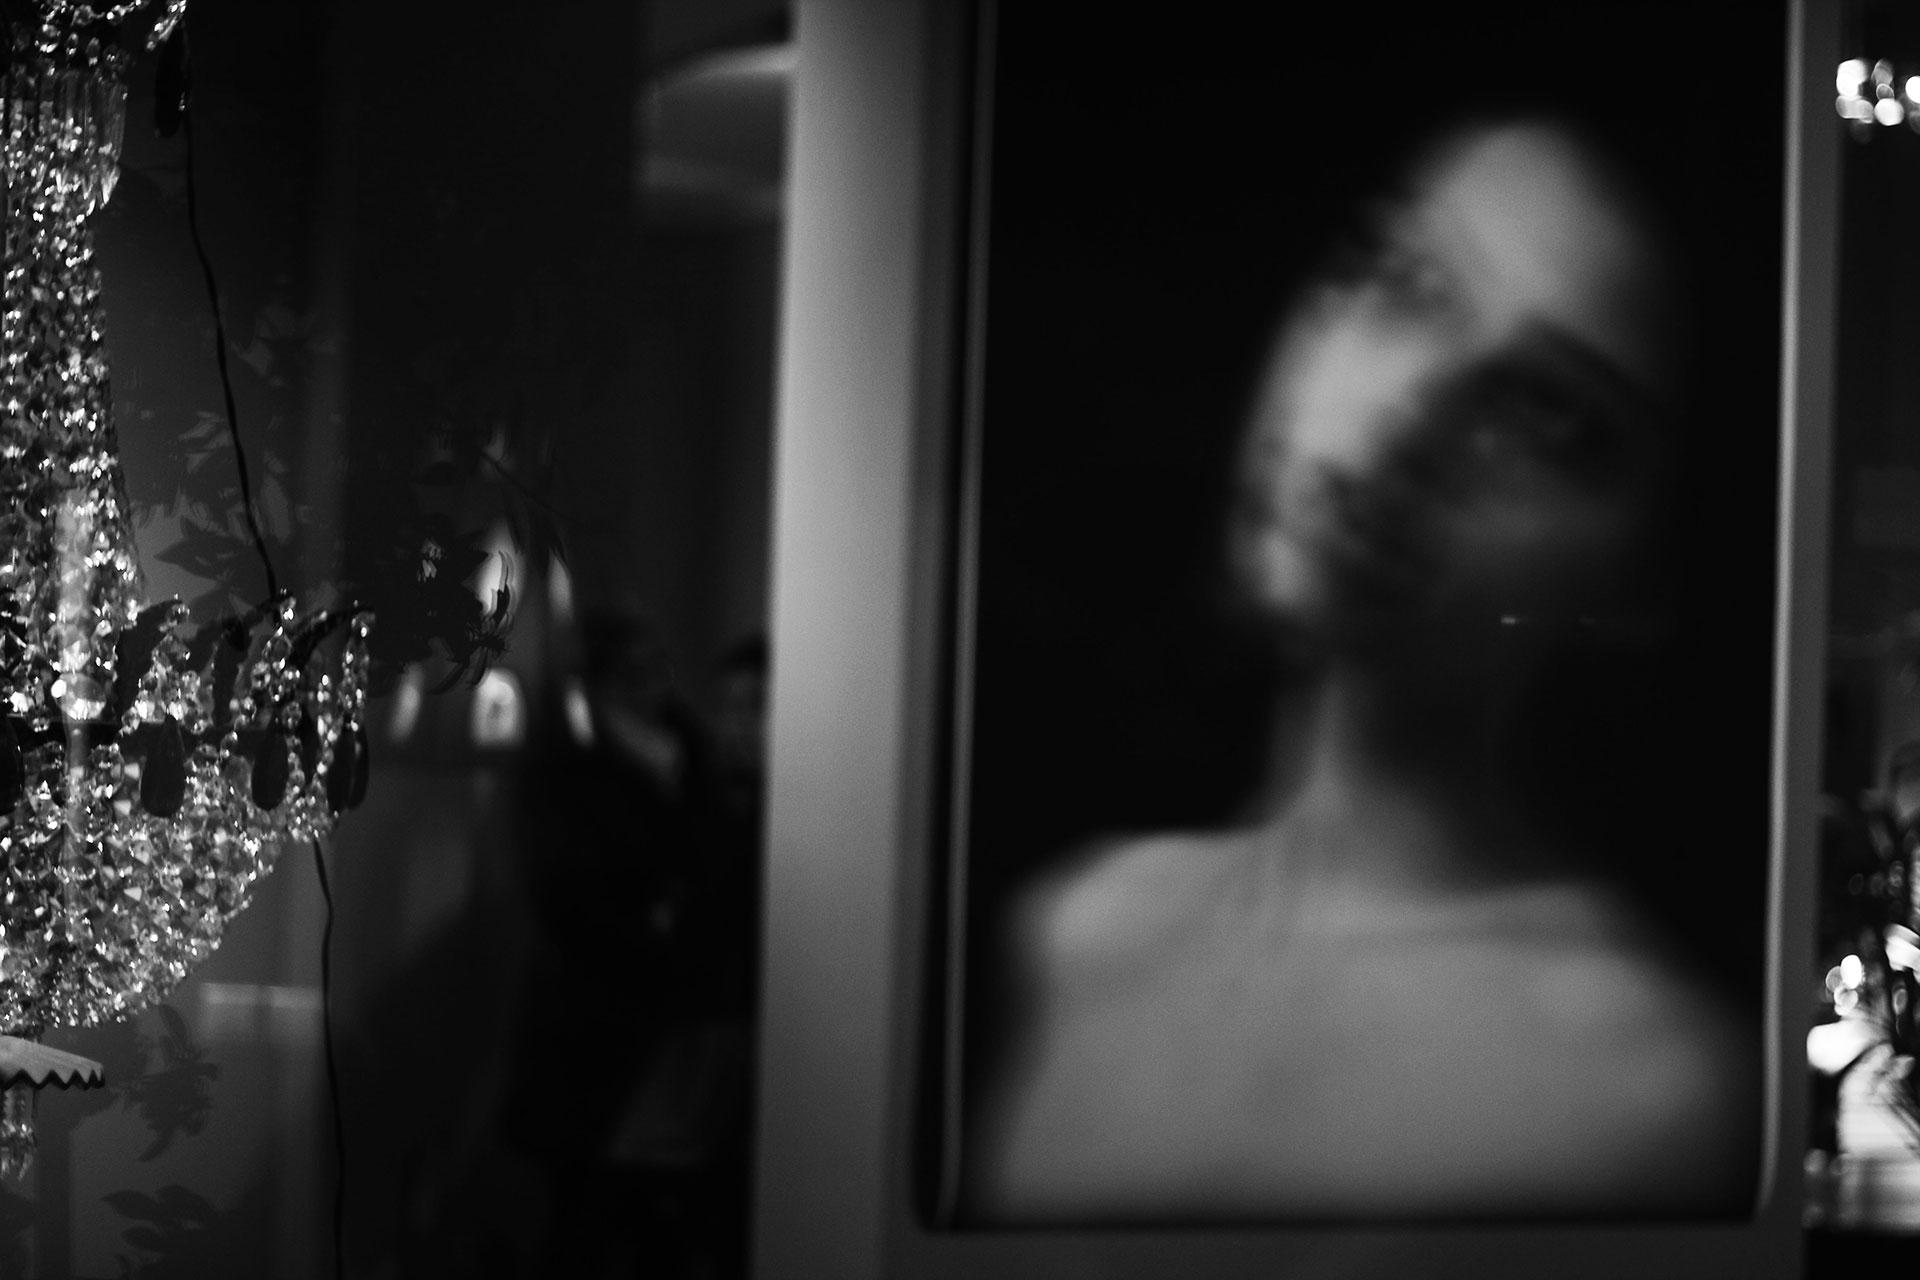 retratos-na-quattro-(28)